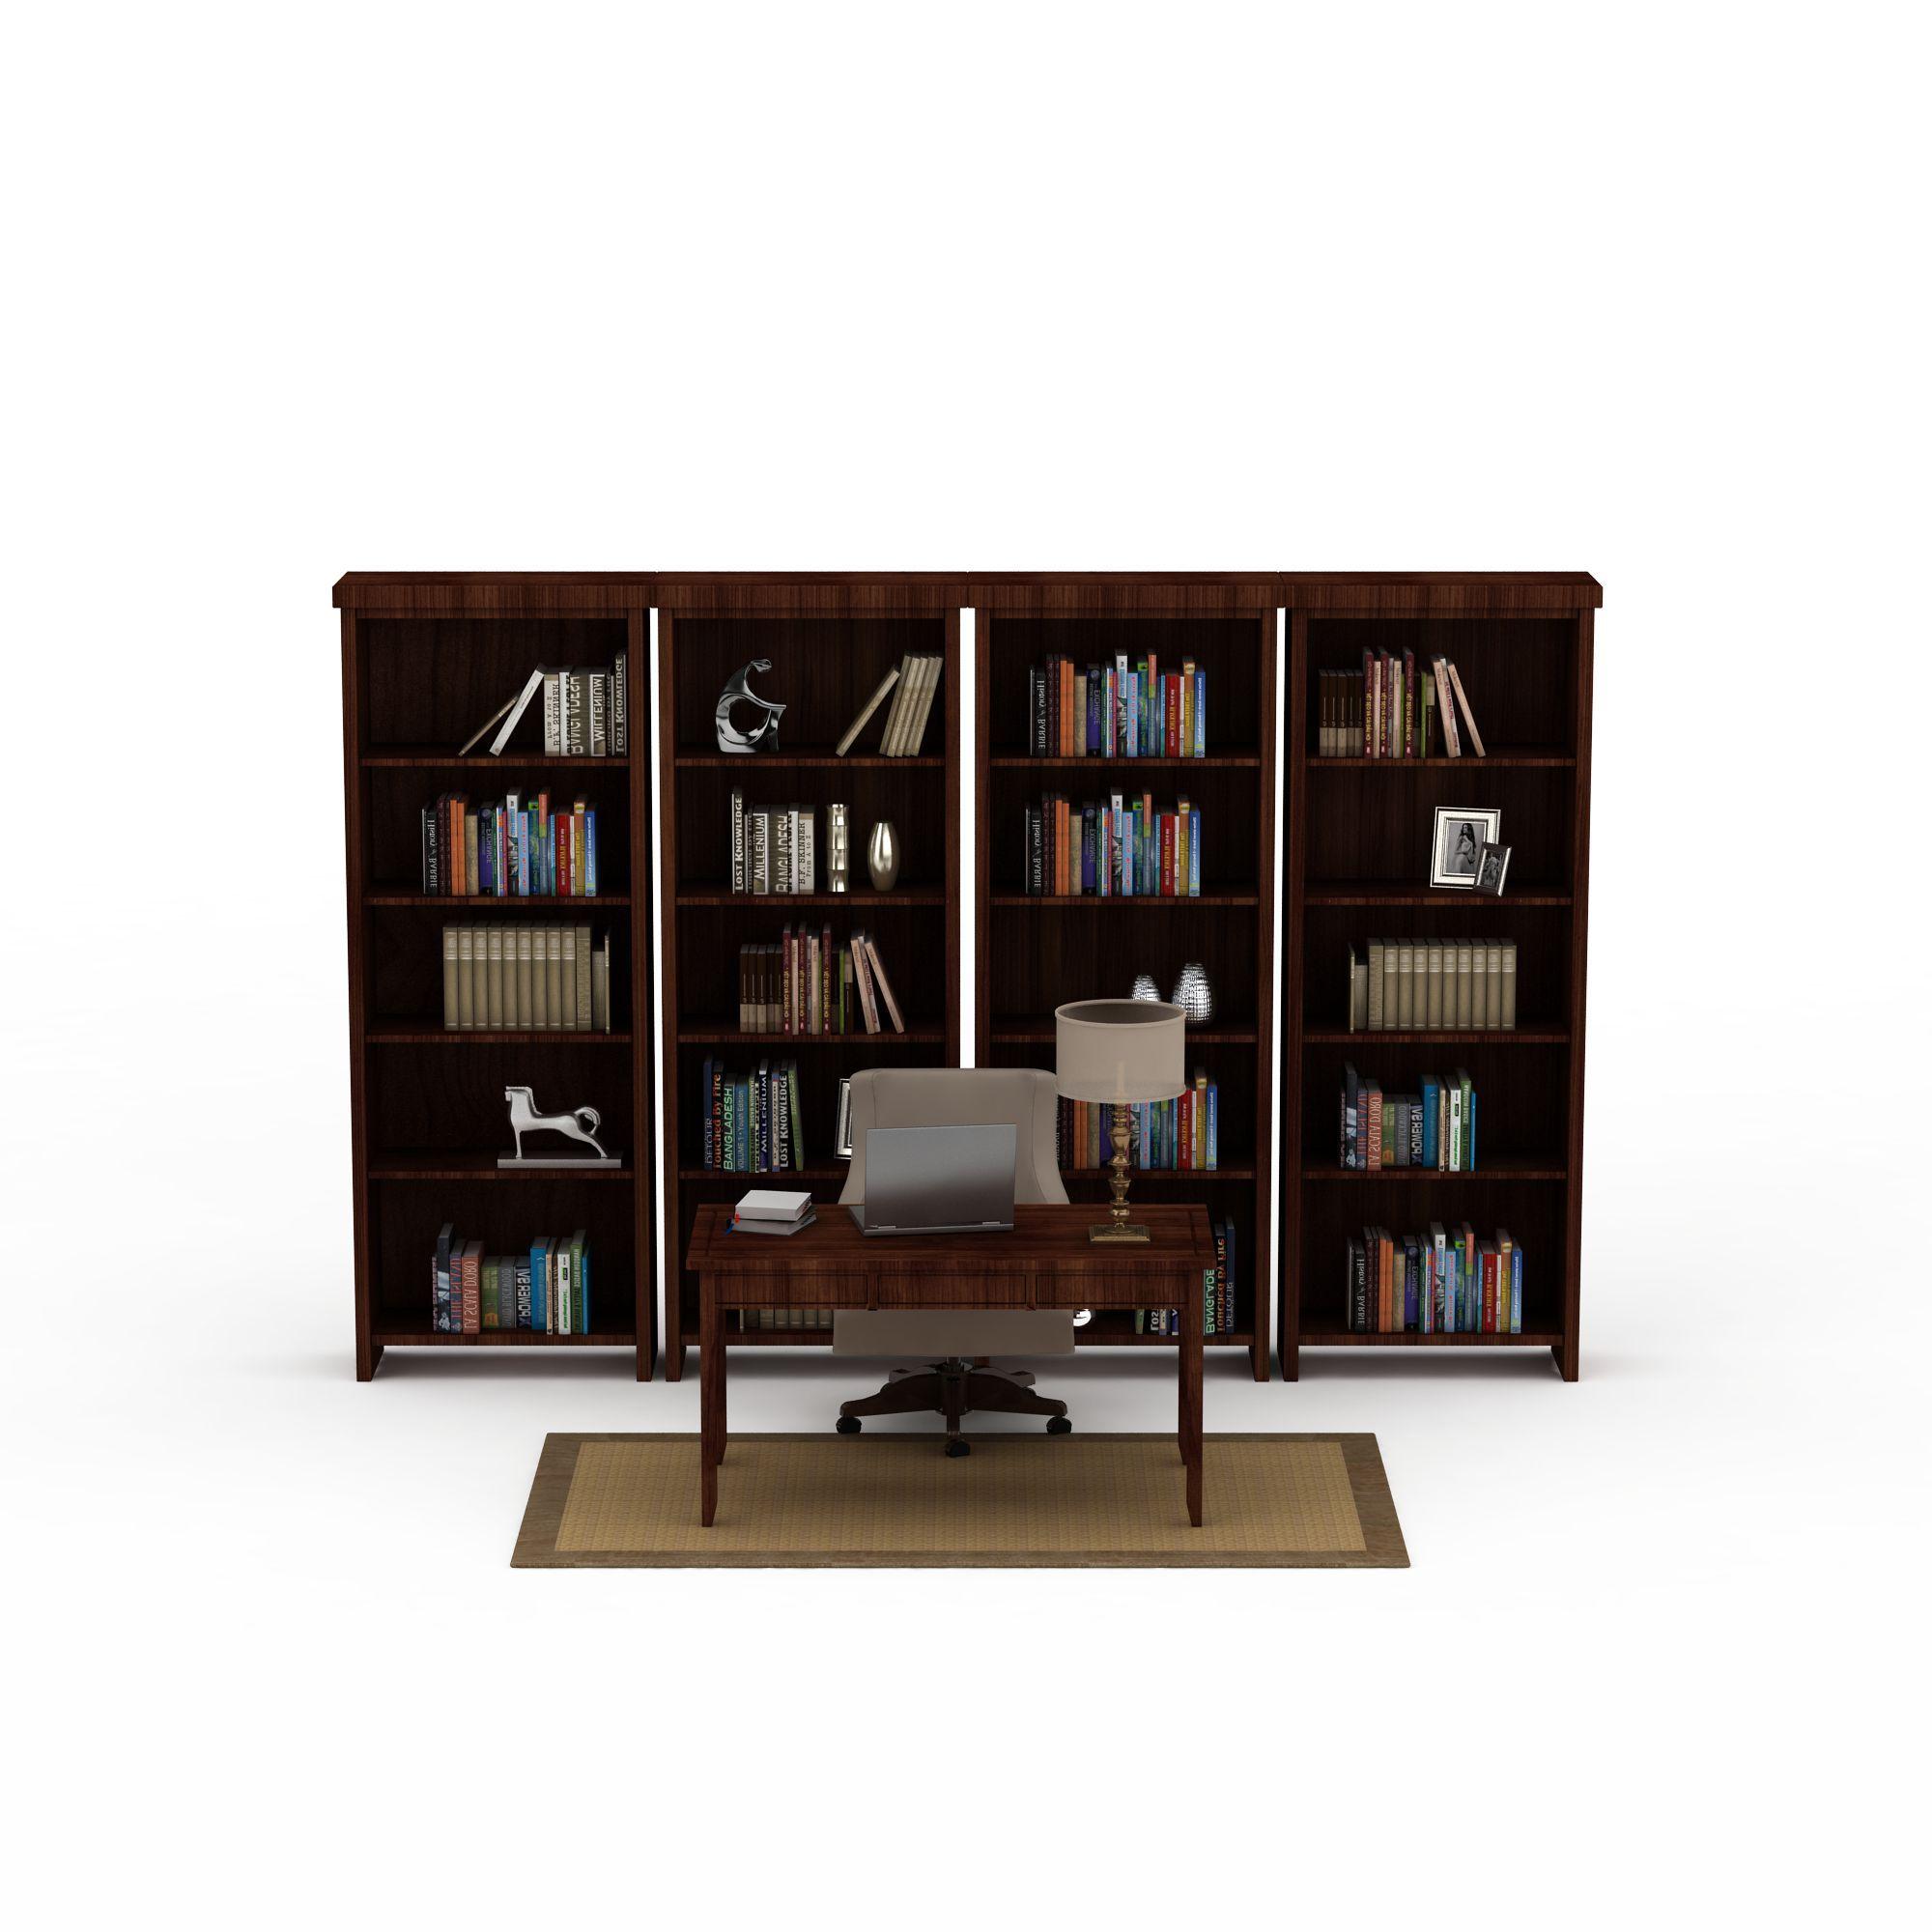 办公室书柜图片_办公室书柜png图片素材_办公室书柜图